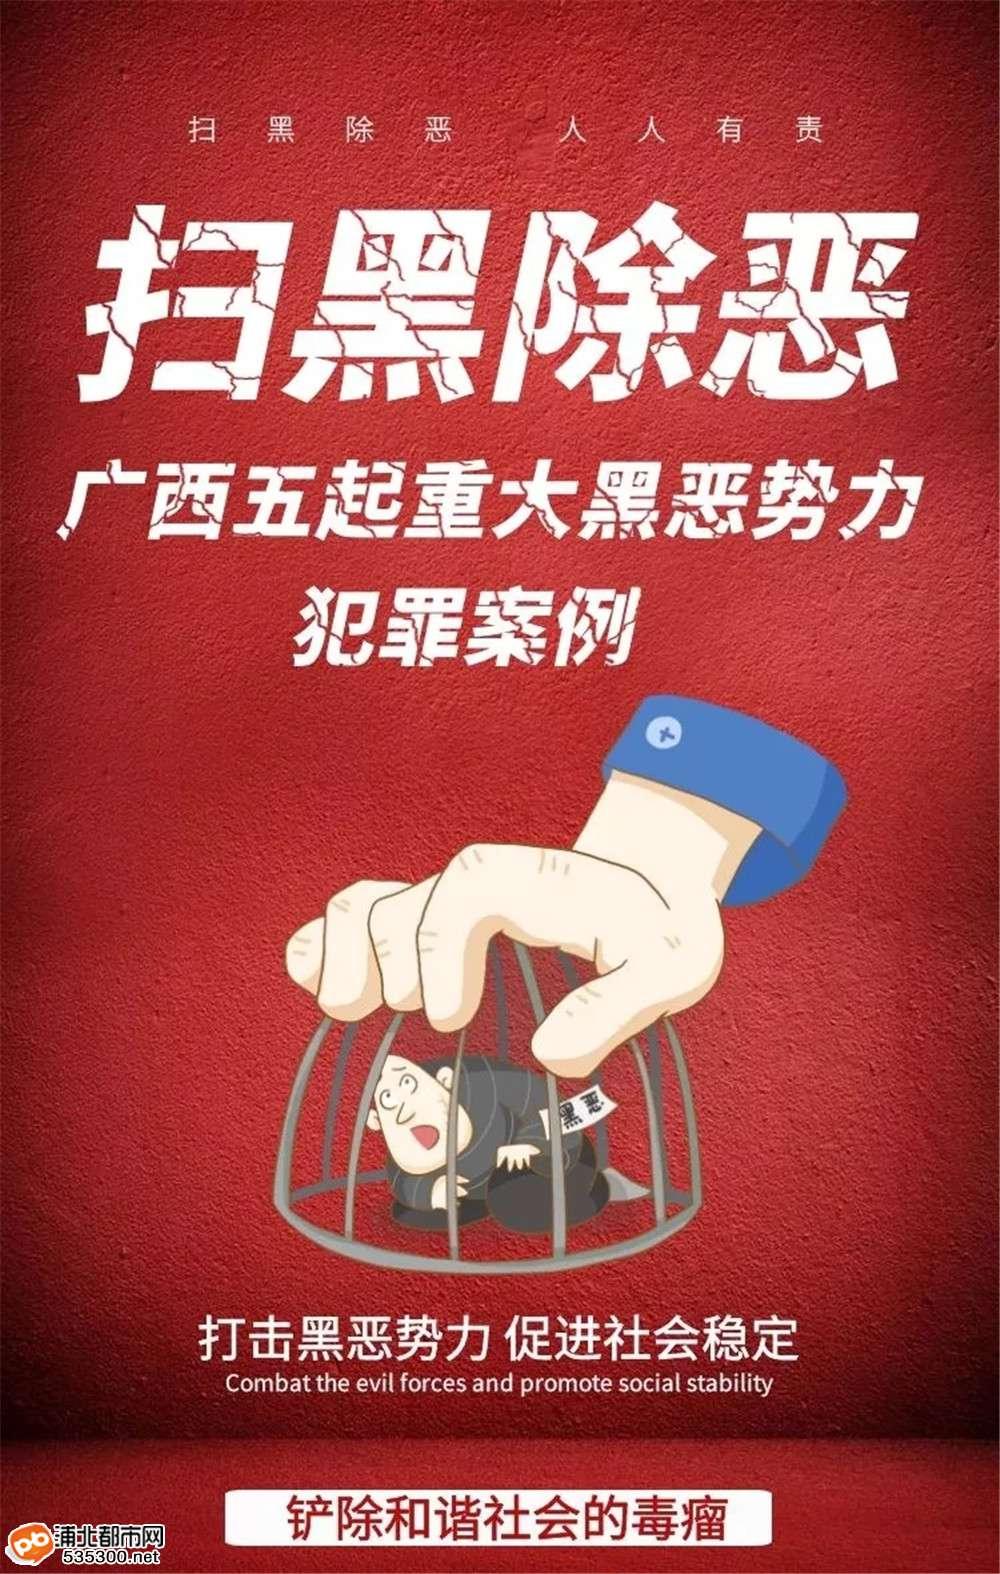 广西五起重大黑恶势力犯罪案例,浦北有2起